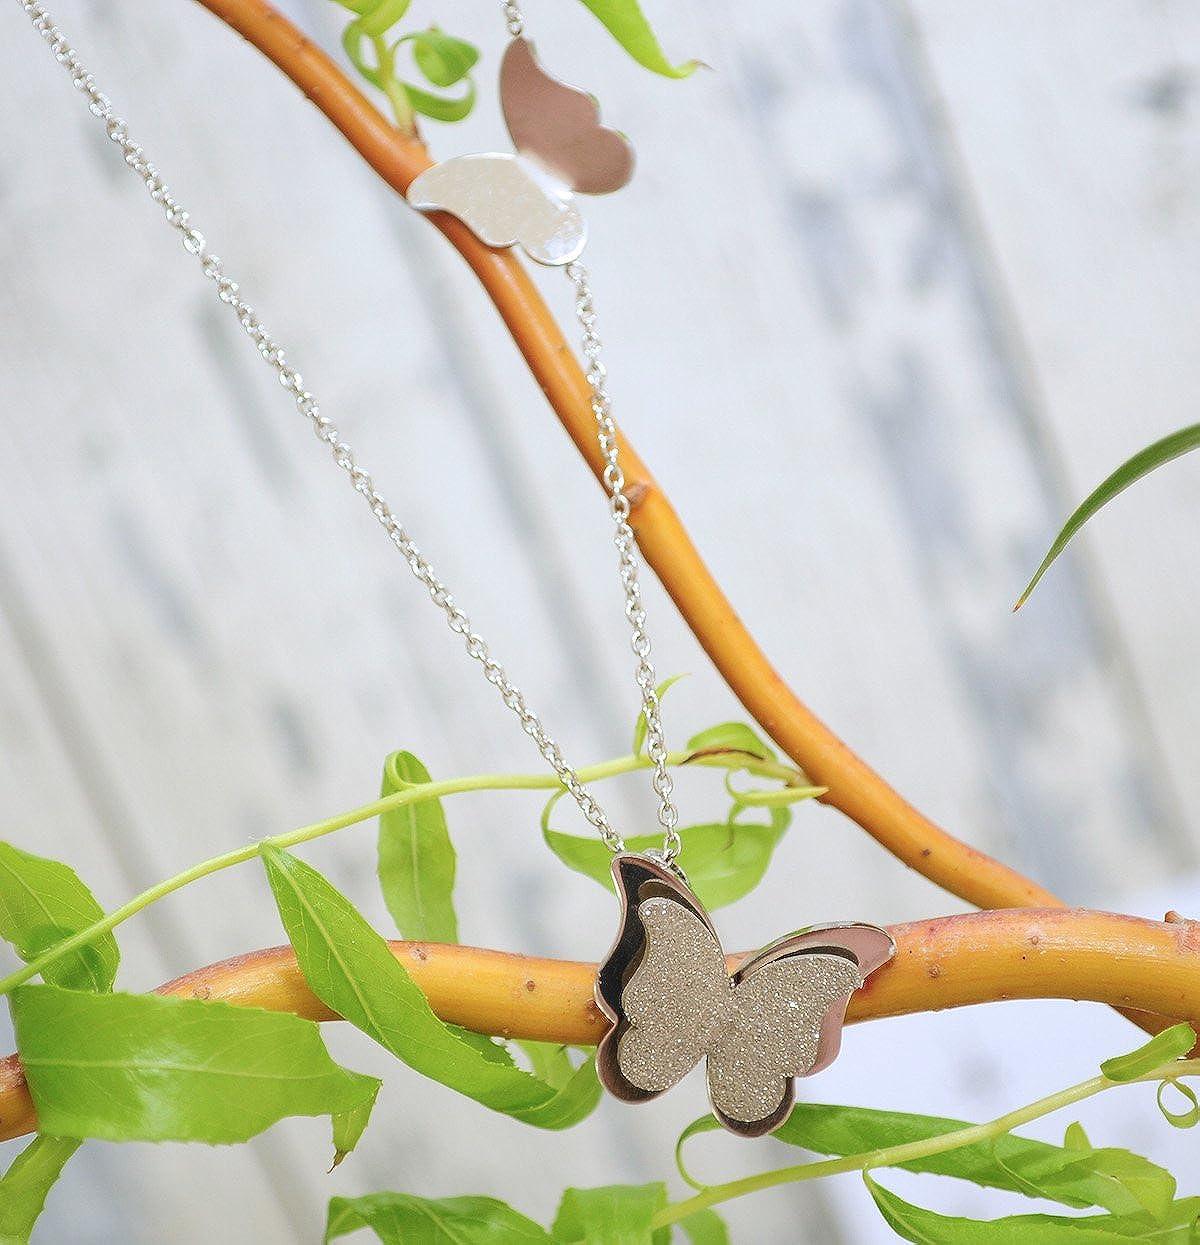 Kim Johanson Damen Schmuckset *Schmetterling* aus Edelstahl in Silber Halskette mit Anh/änger /& Ohrringe inkl Schmuckbeute